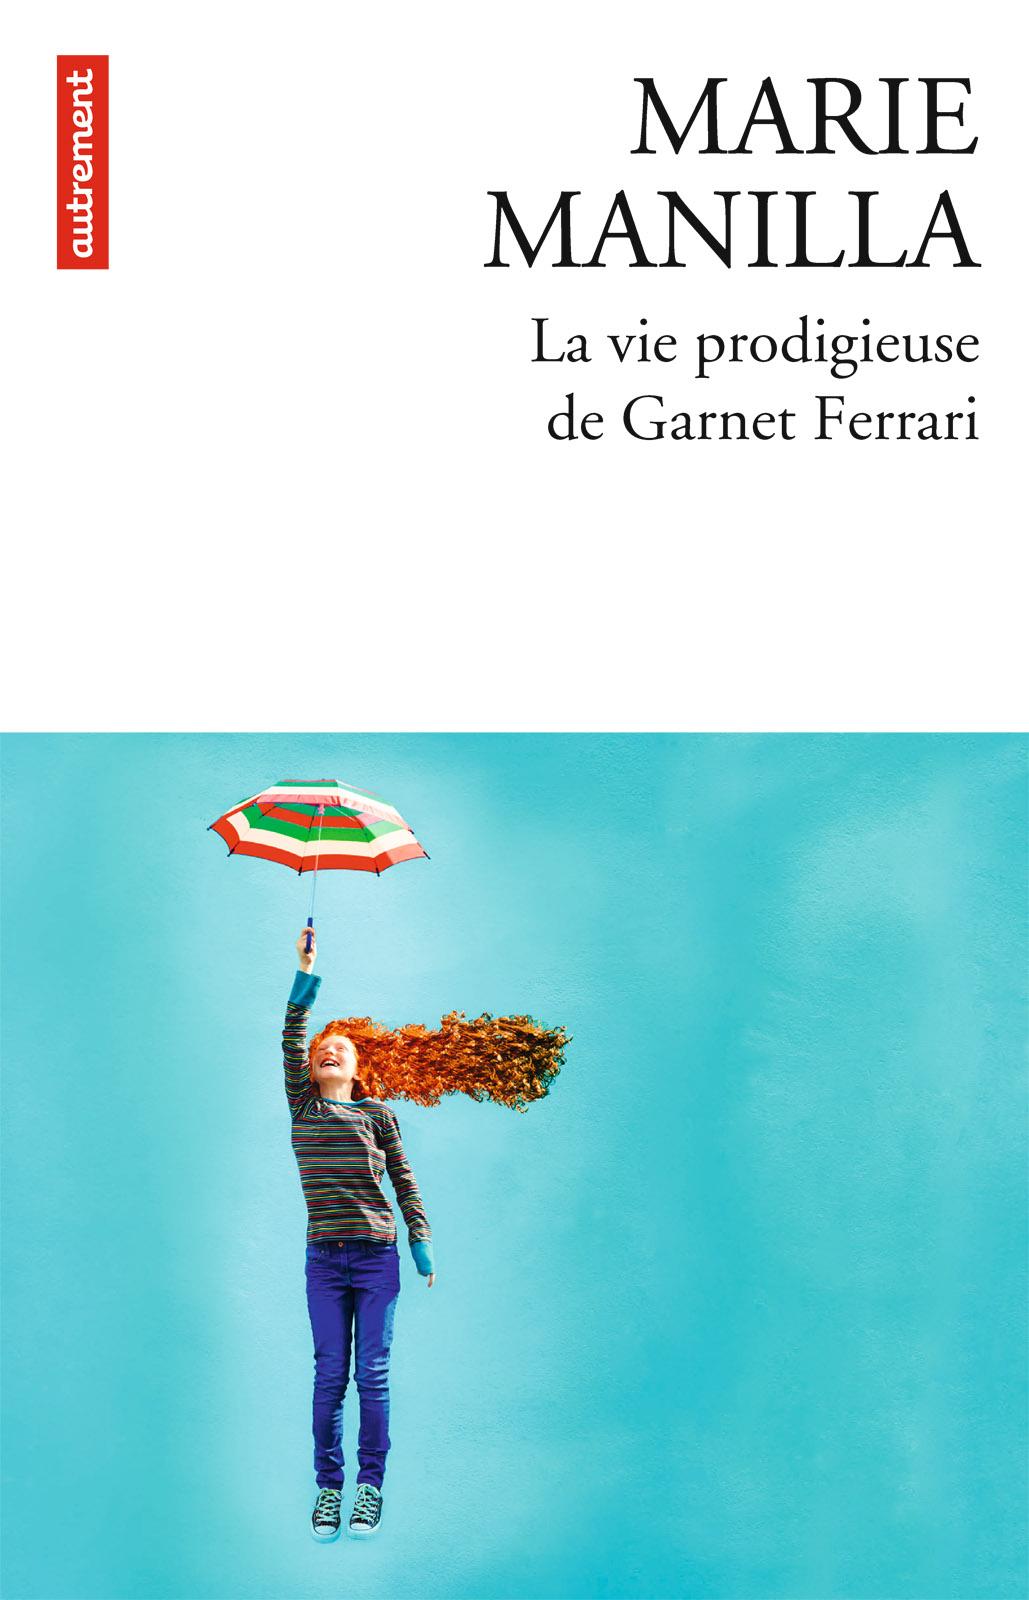 La Vie prodigieuse de Garnet Ferrari